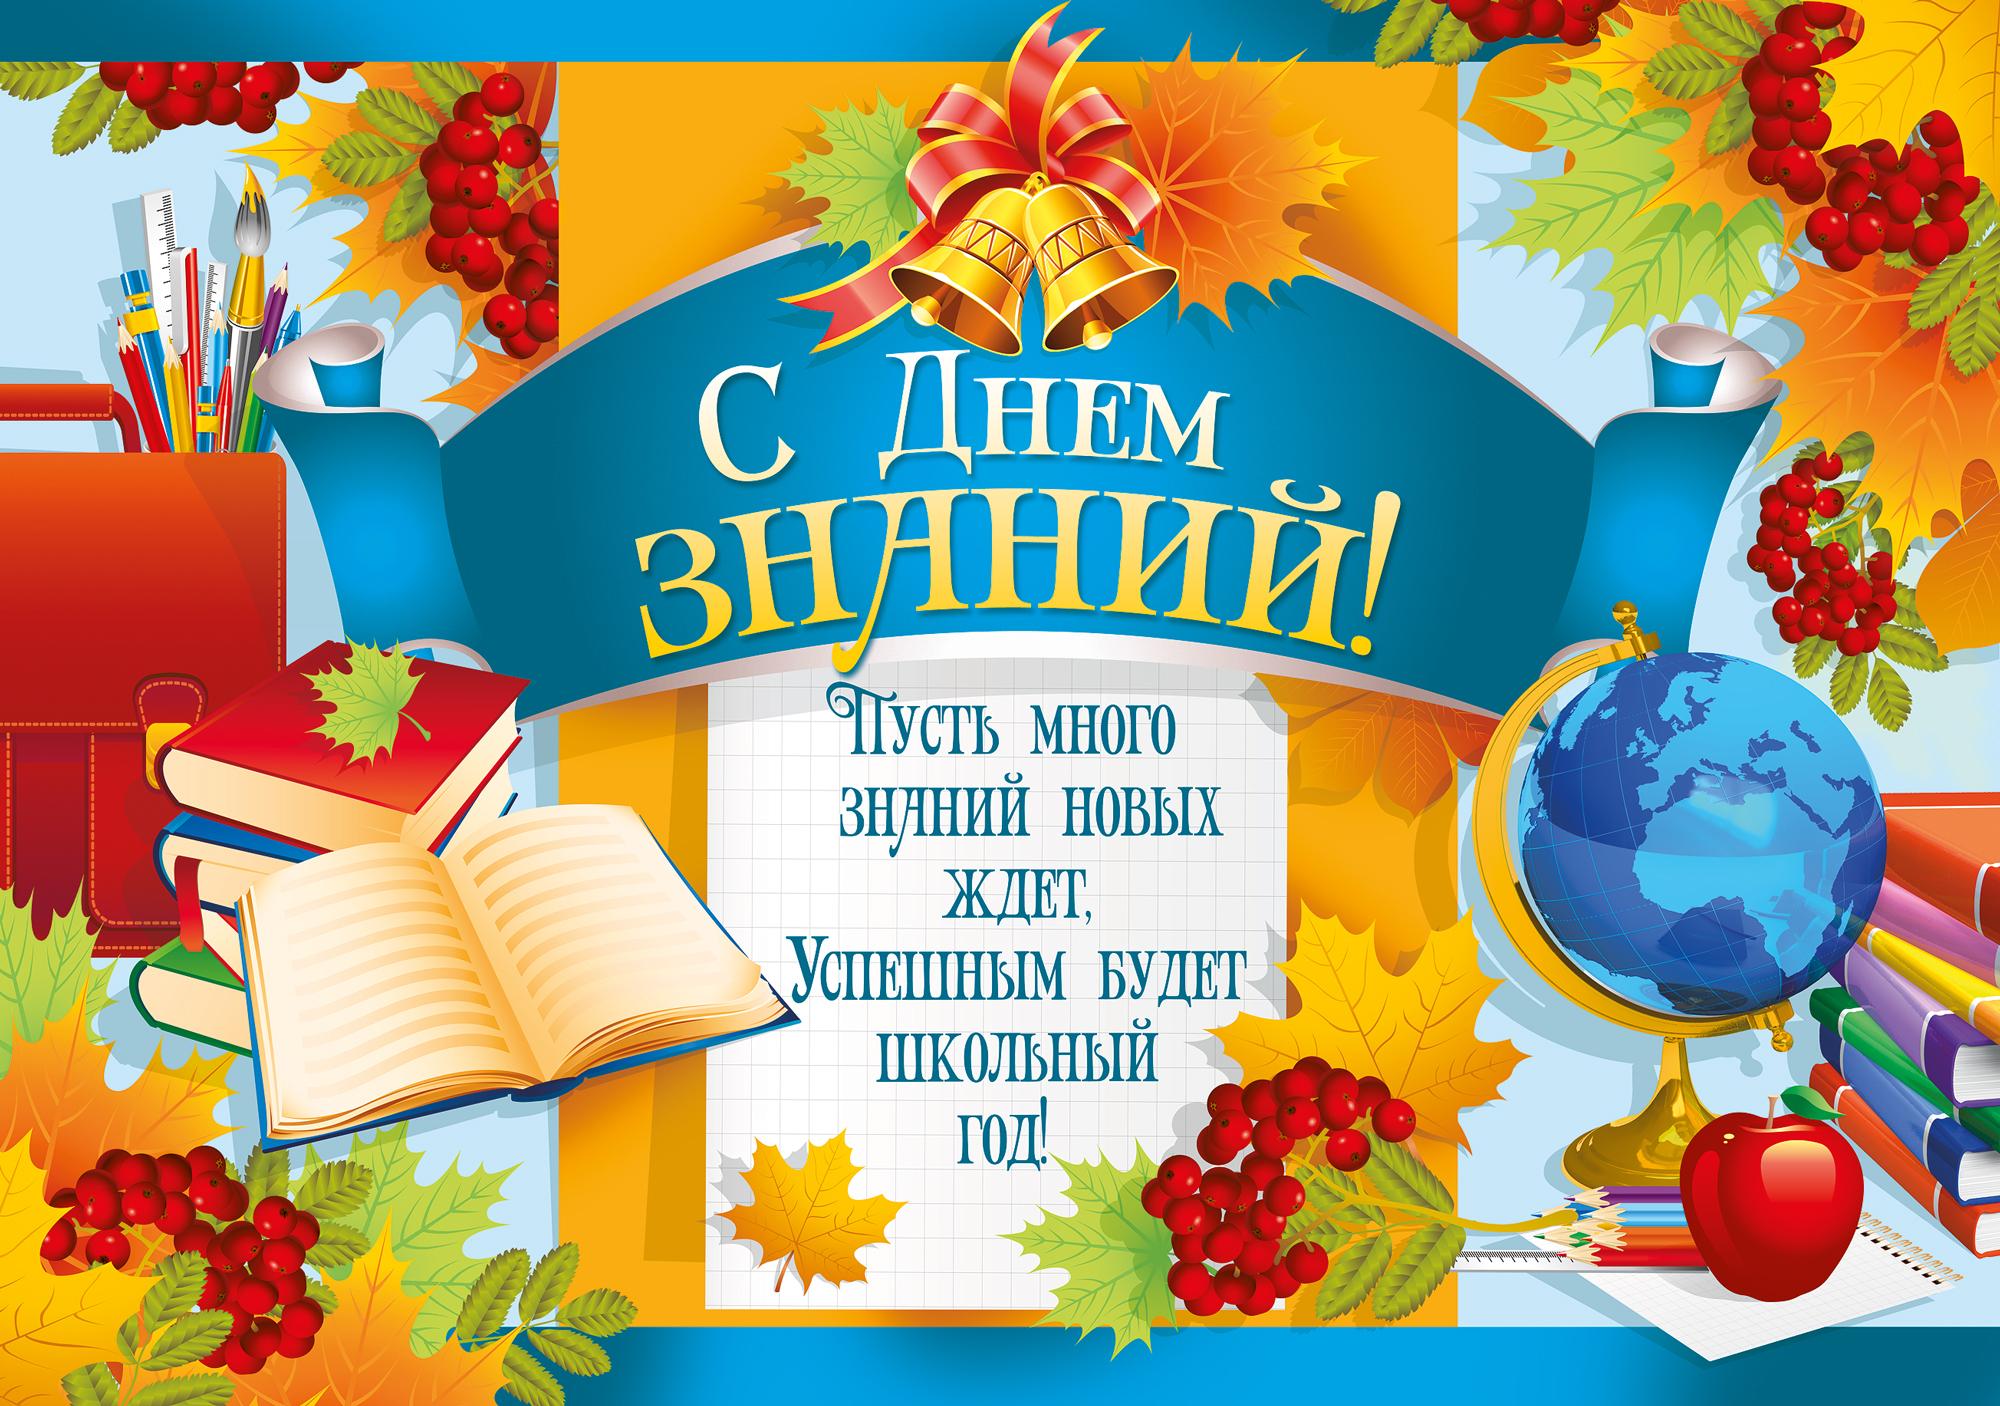 Дорогие школьники! Уважаемые учителя и родители! Примите самые искренние поздравления с Днем знаний и началом нового учебного года!